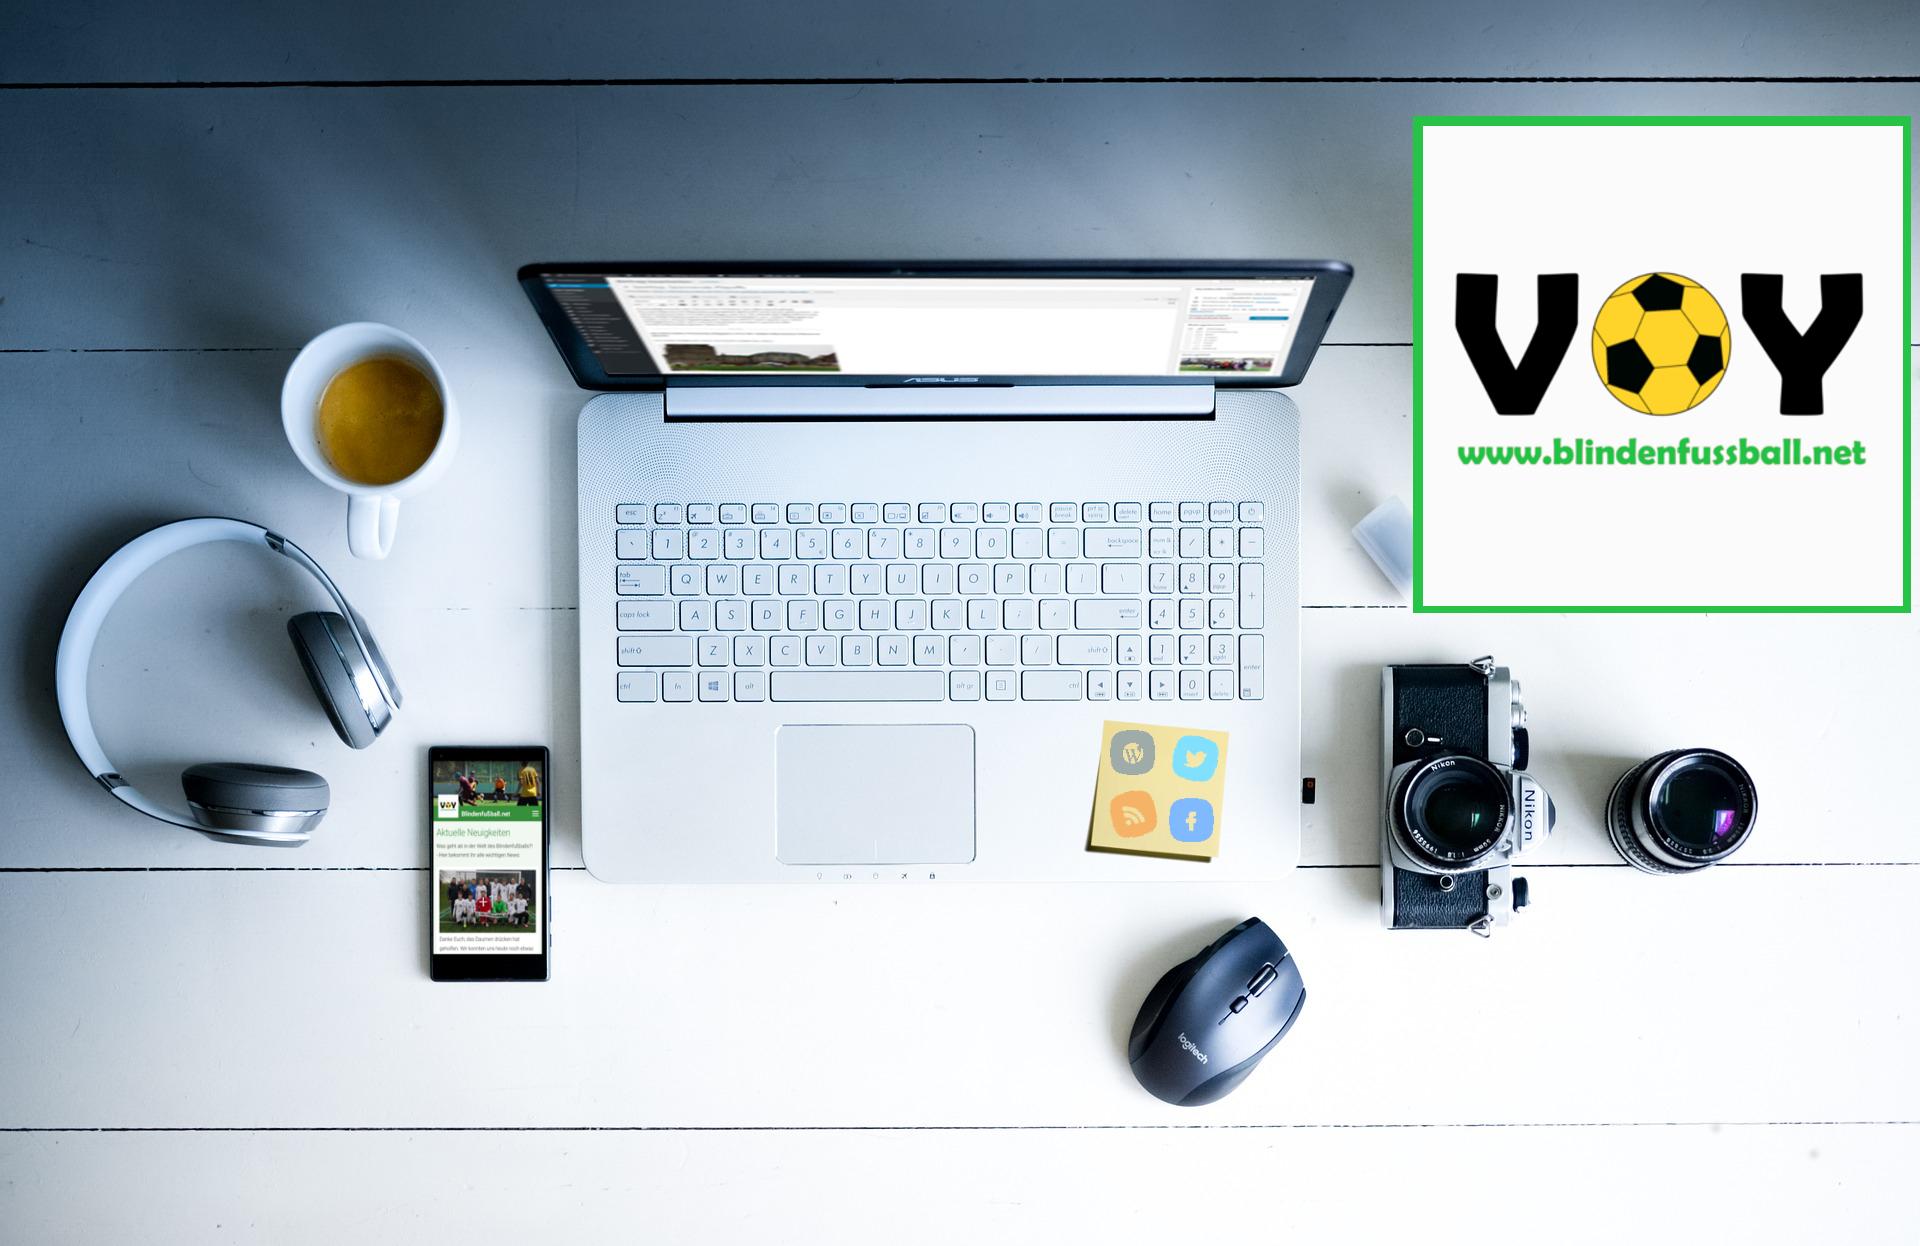 Ein typischer Blifunet-Schreibtisch! - Die Redaktion von Blindenfußball.net sucht neue Mitglieder!